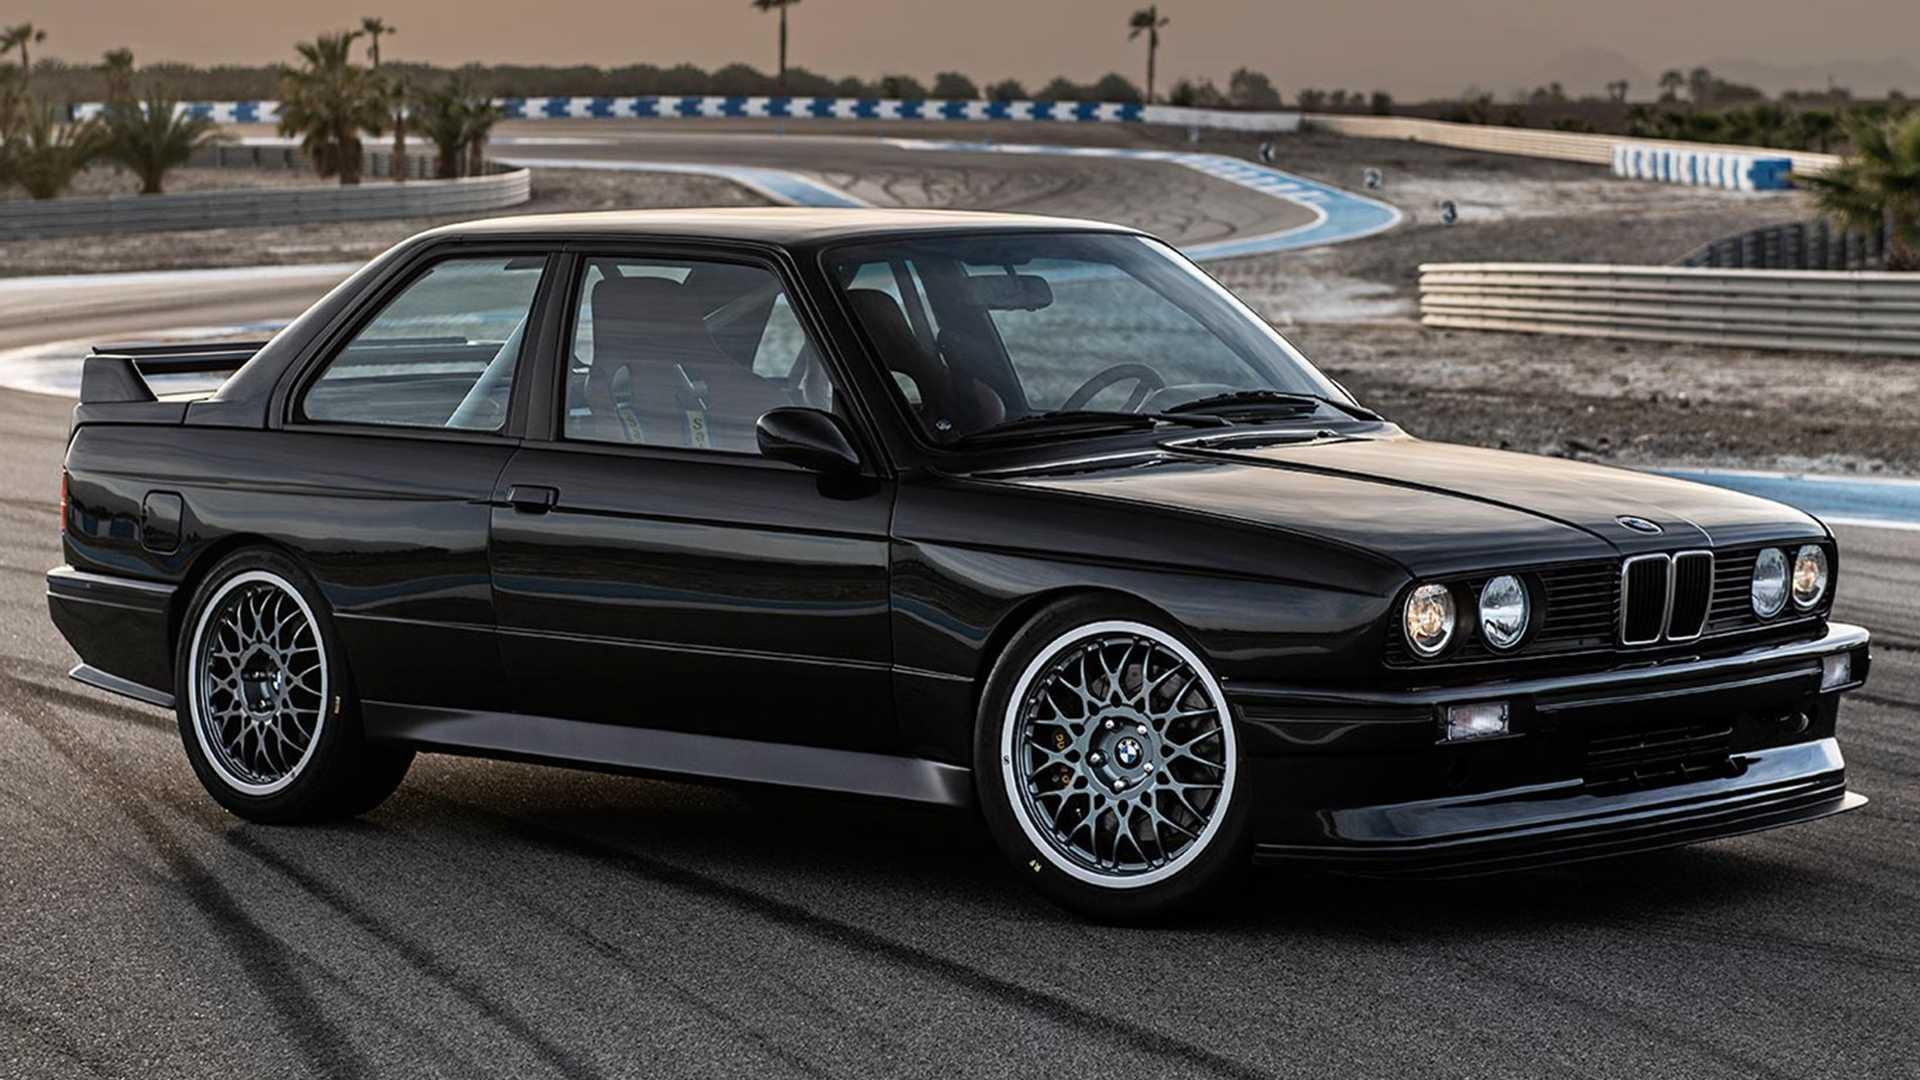 BMW E30 M3 kao savršeni restomod (GALERIJA)